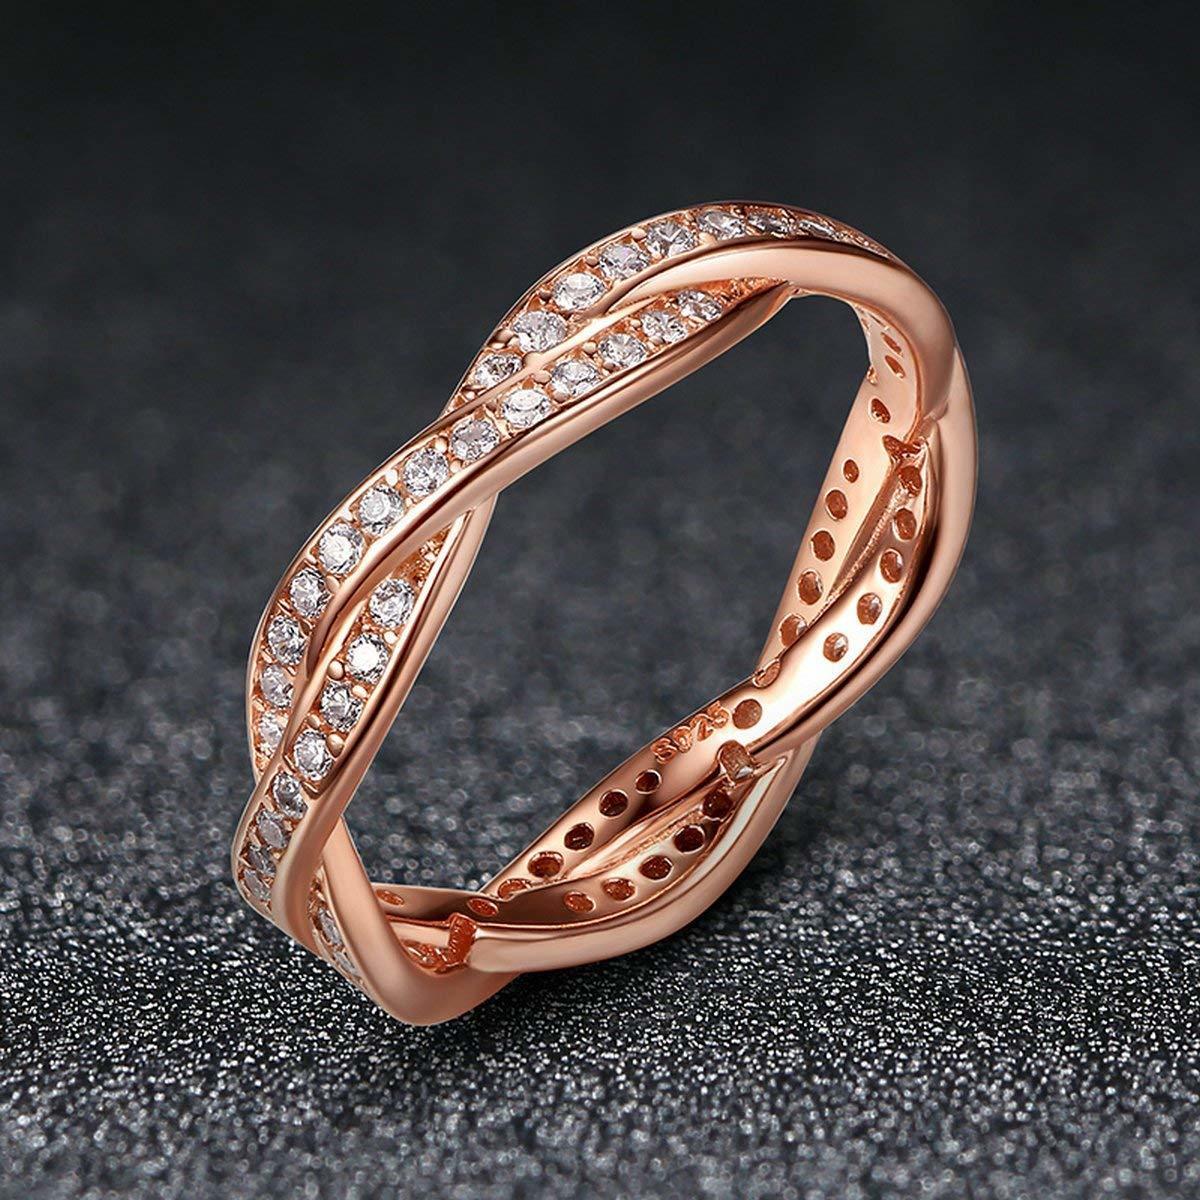 《未使用》Presentski シルバー925指輪 レディース リング 結婚指輪 ピンクゴールドメッキ婚約指輪 ジルコニア cz 18《アウトレット》_画像7